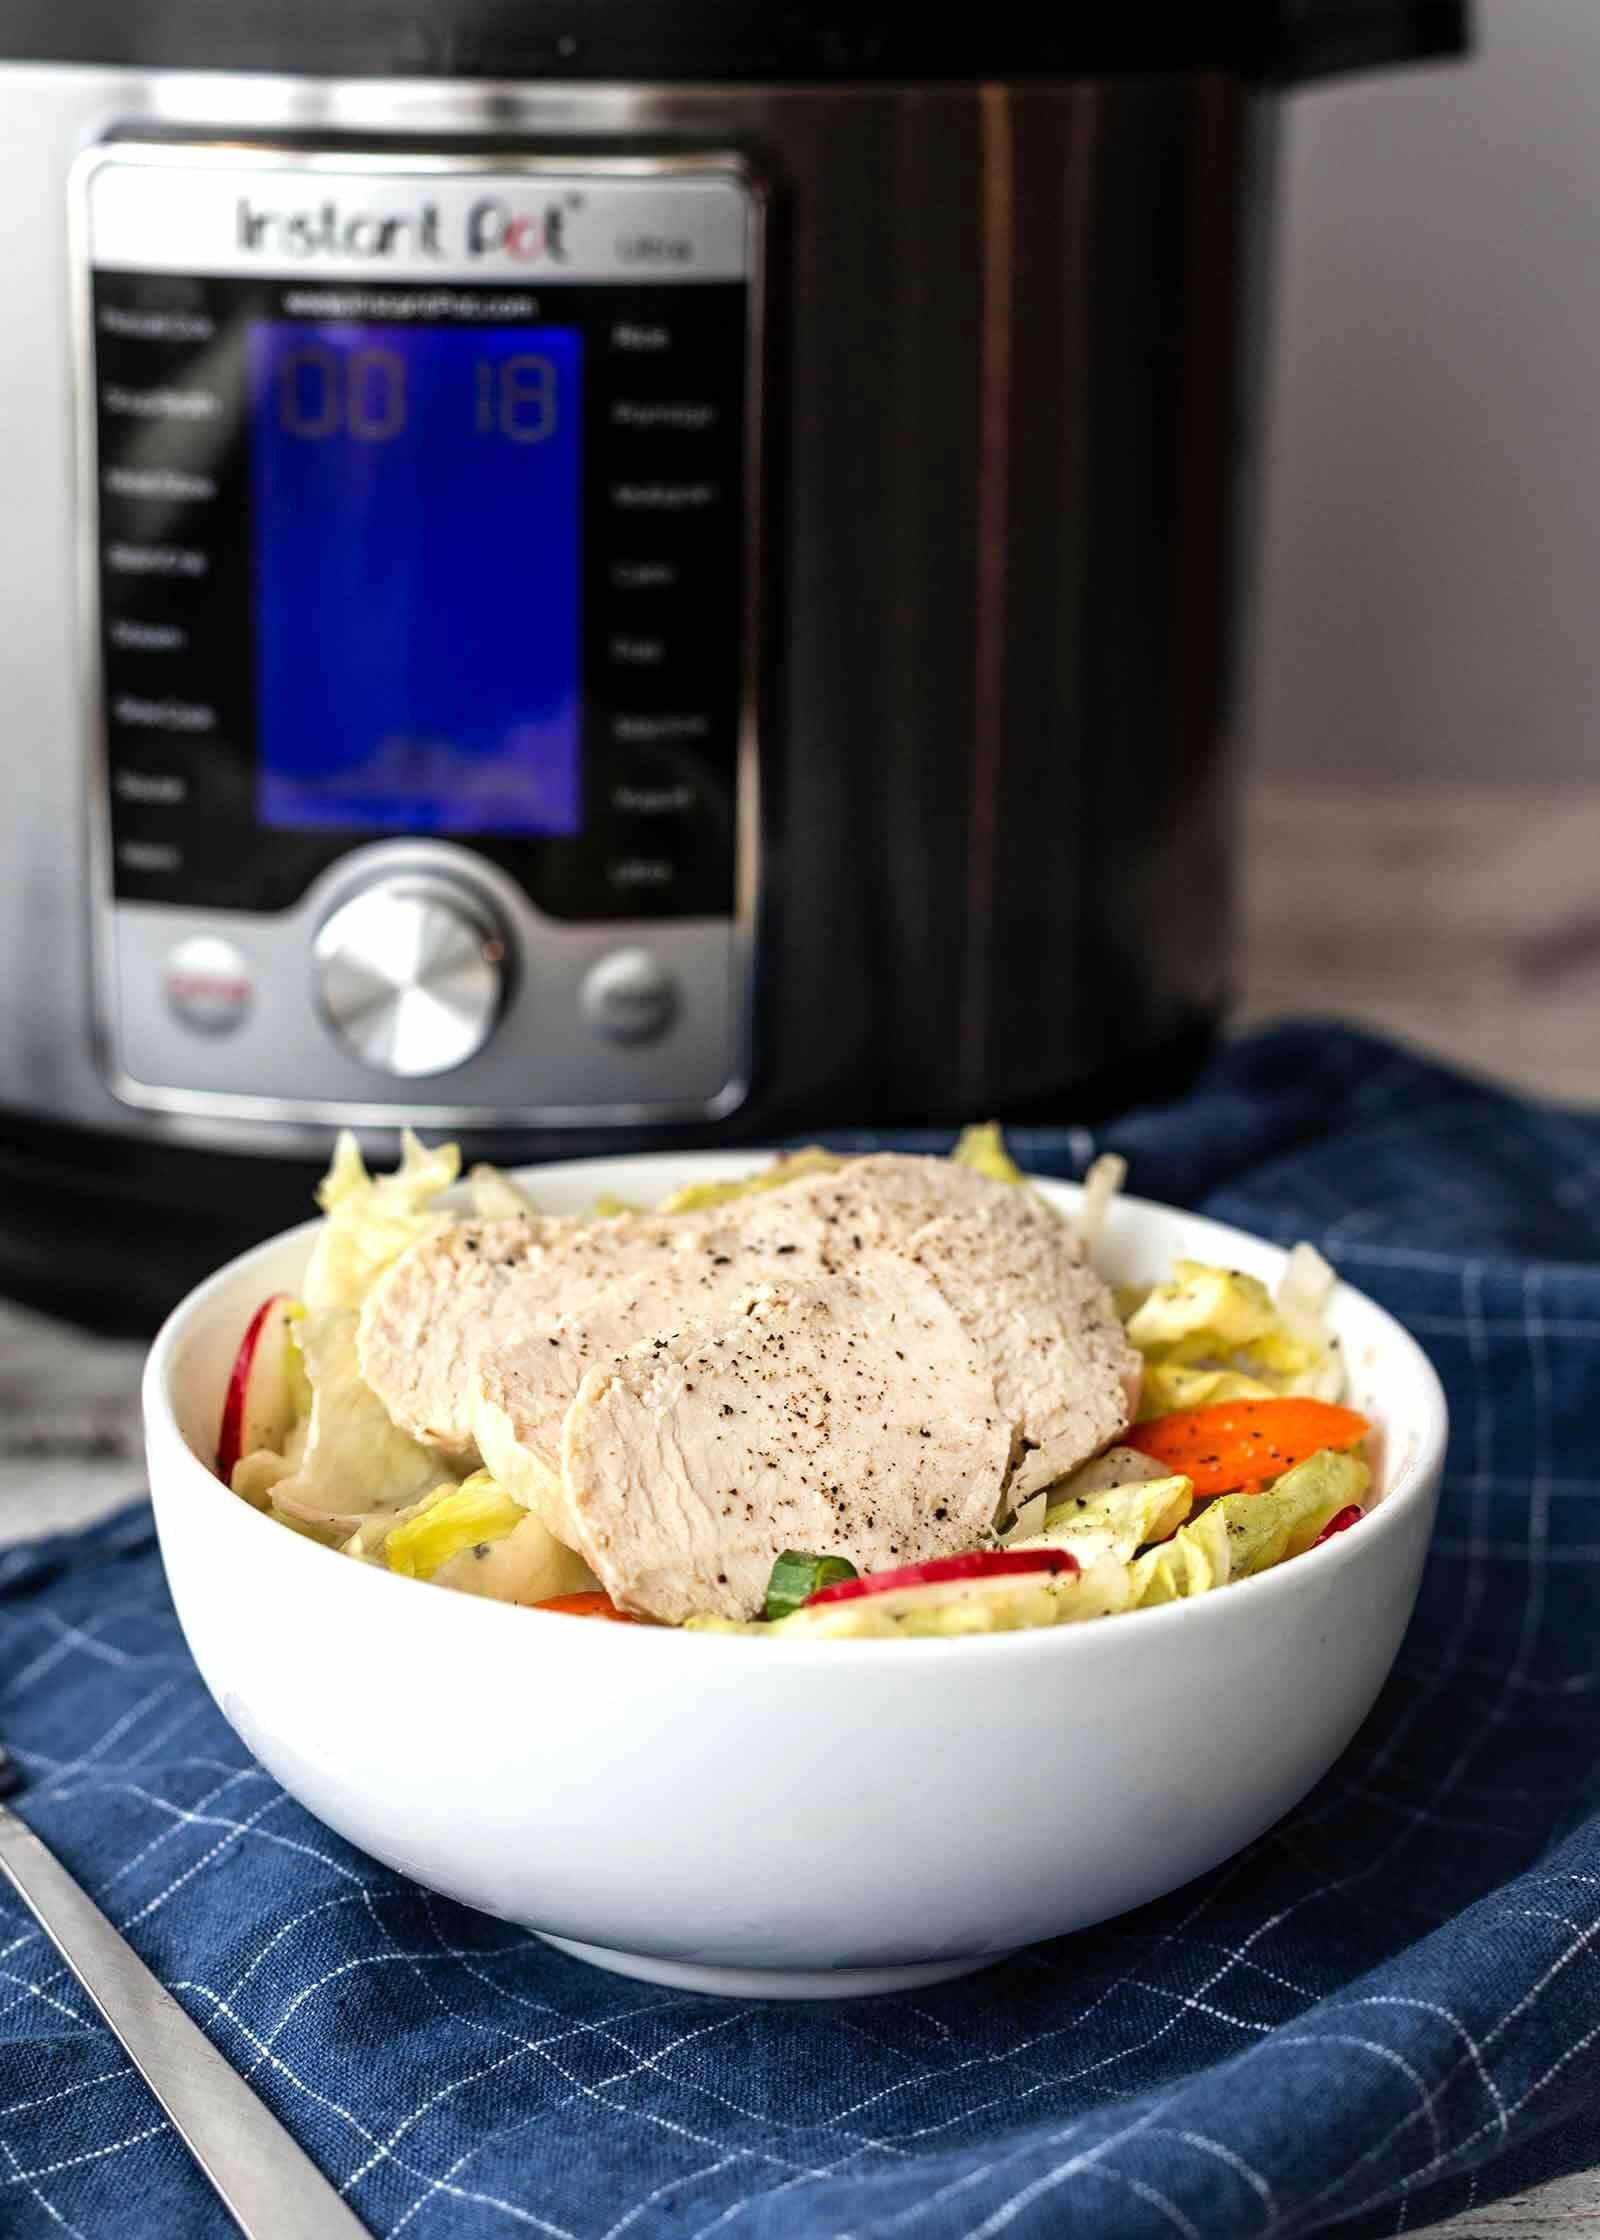 Цыпленок быстрого приготовления, нарезанный и поданный с салатом, на фоне горшок быстрого приготовления